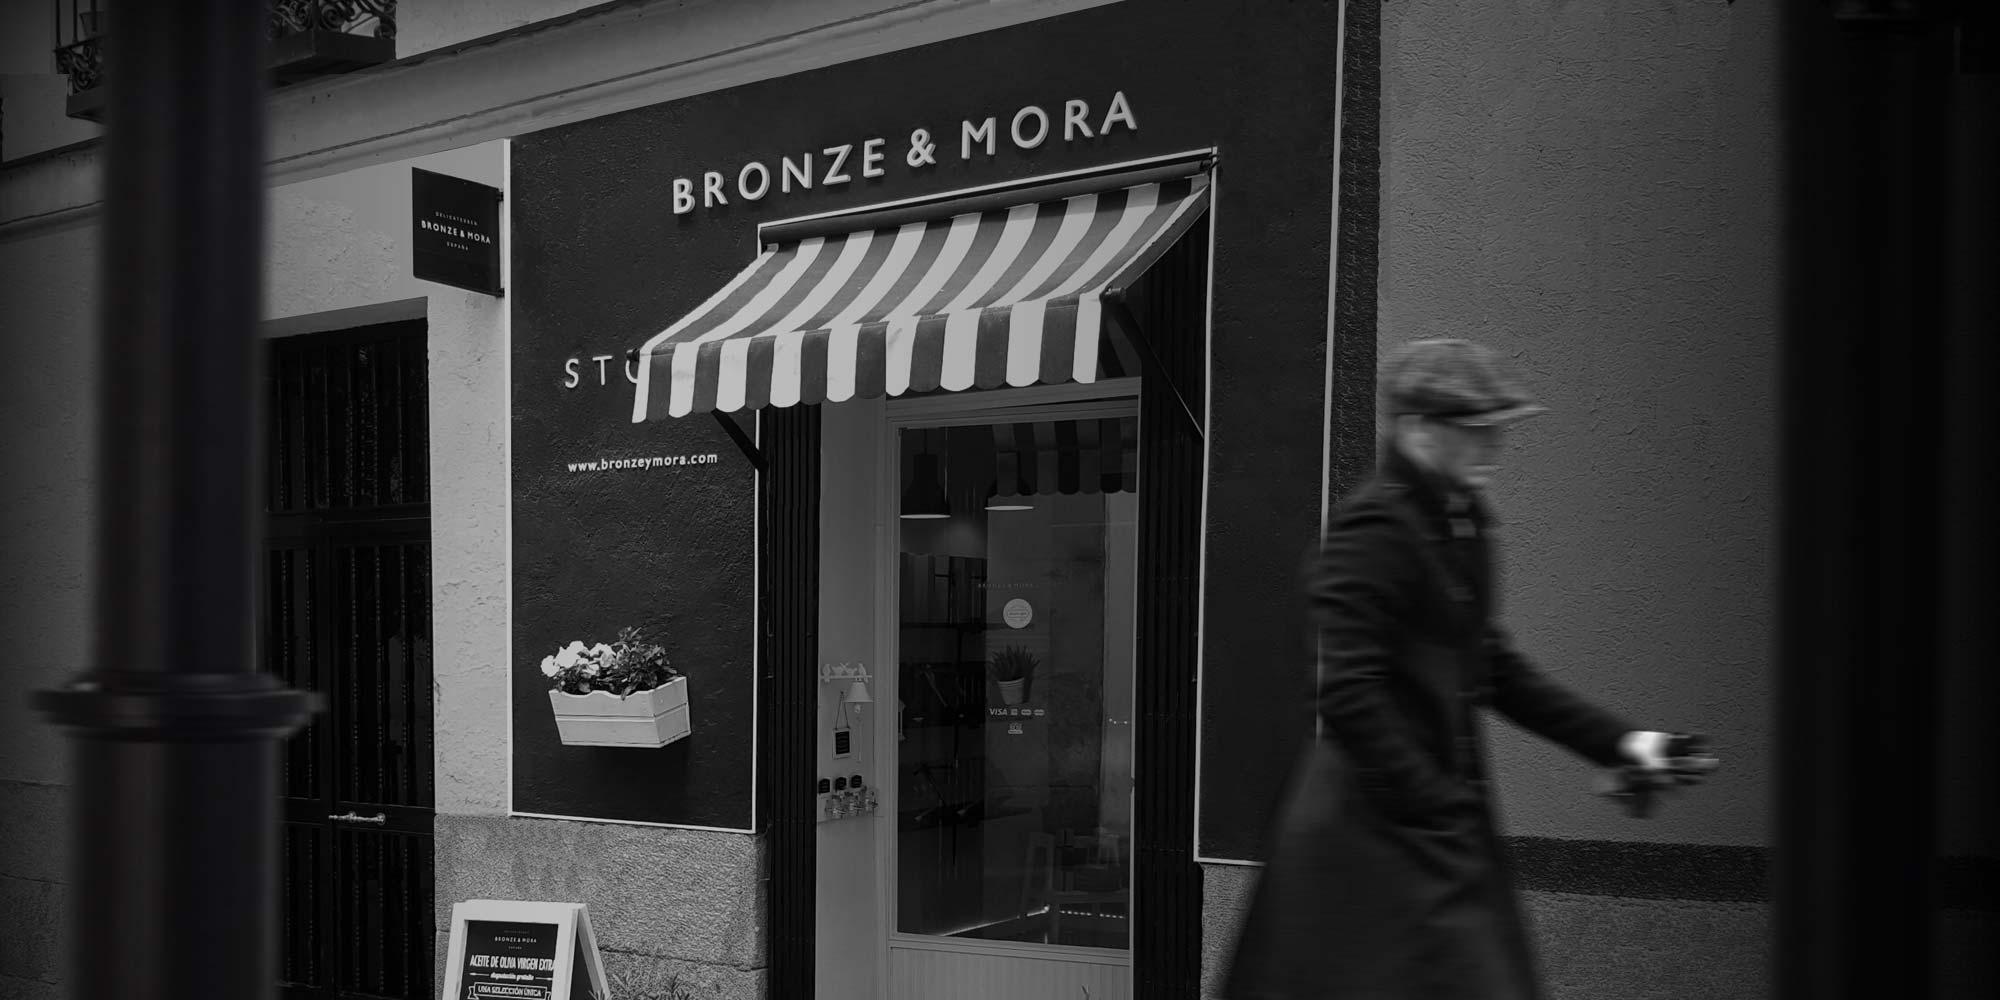 Oleoteca de Bronze y Mora en la calle Libreros 5, Madrid. Bronze y Mora es aceite de oliva virgen extra ideal como regalo gourmet y como regalo personalizable